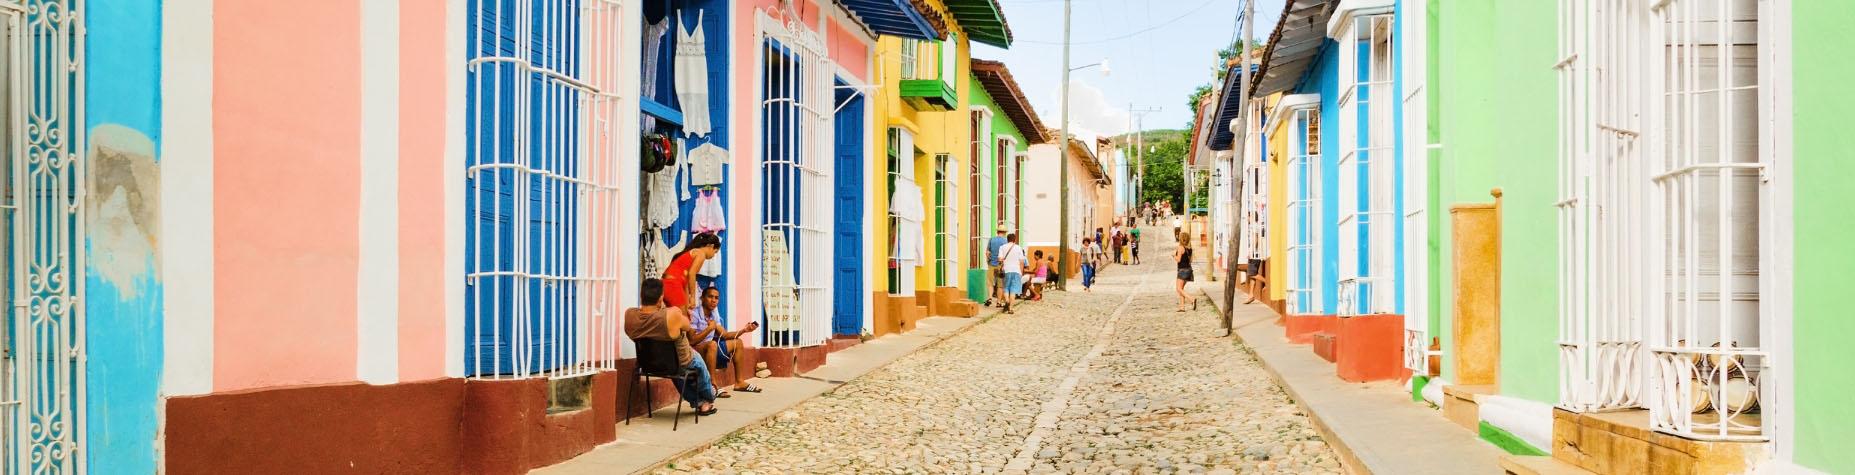 Authentiek Trinidad in Cuba